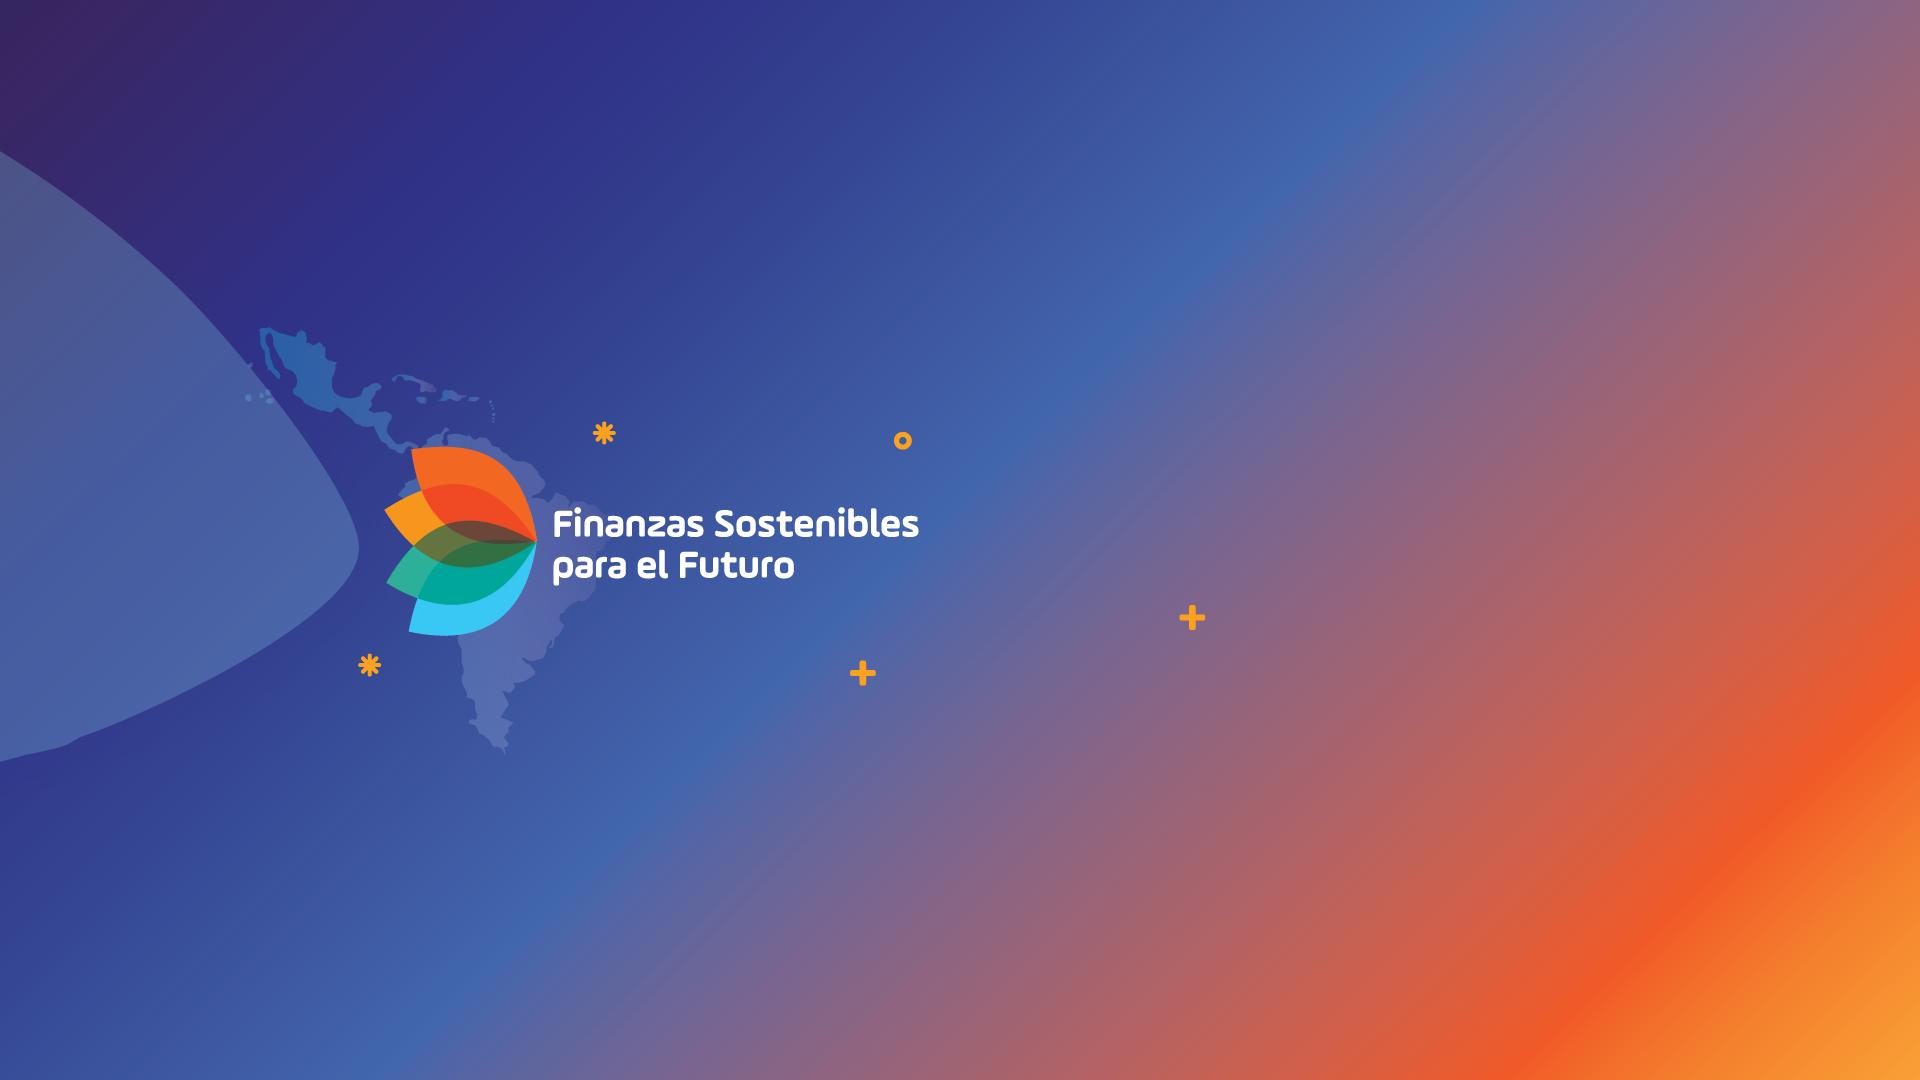 Llaman a construir finanzas más sostenibles en los países de América Latina y el Caribe